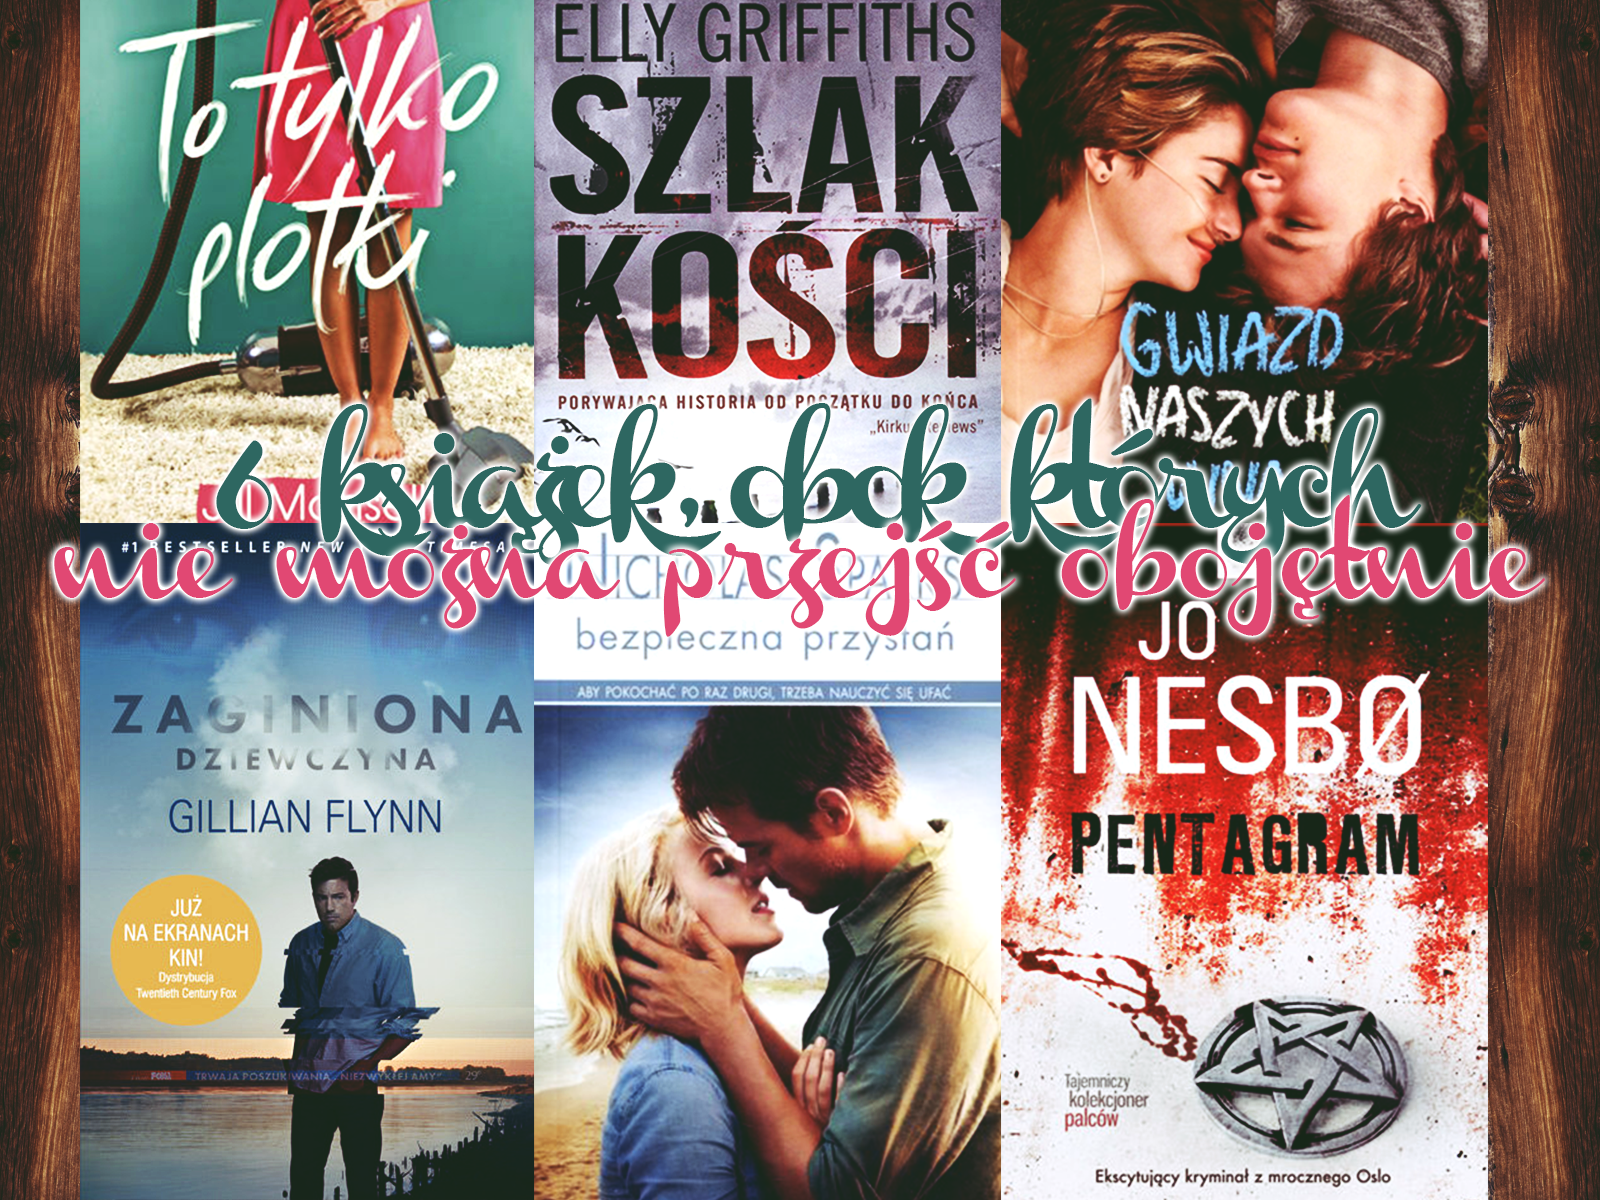 6 książek, obok których nie można przejść obojętnie - 96pln